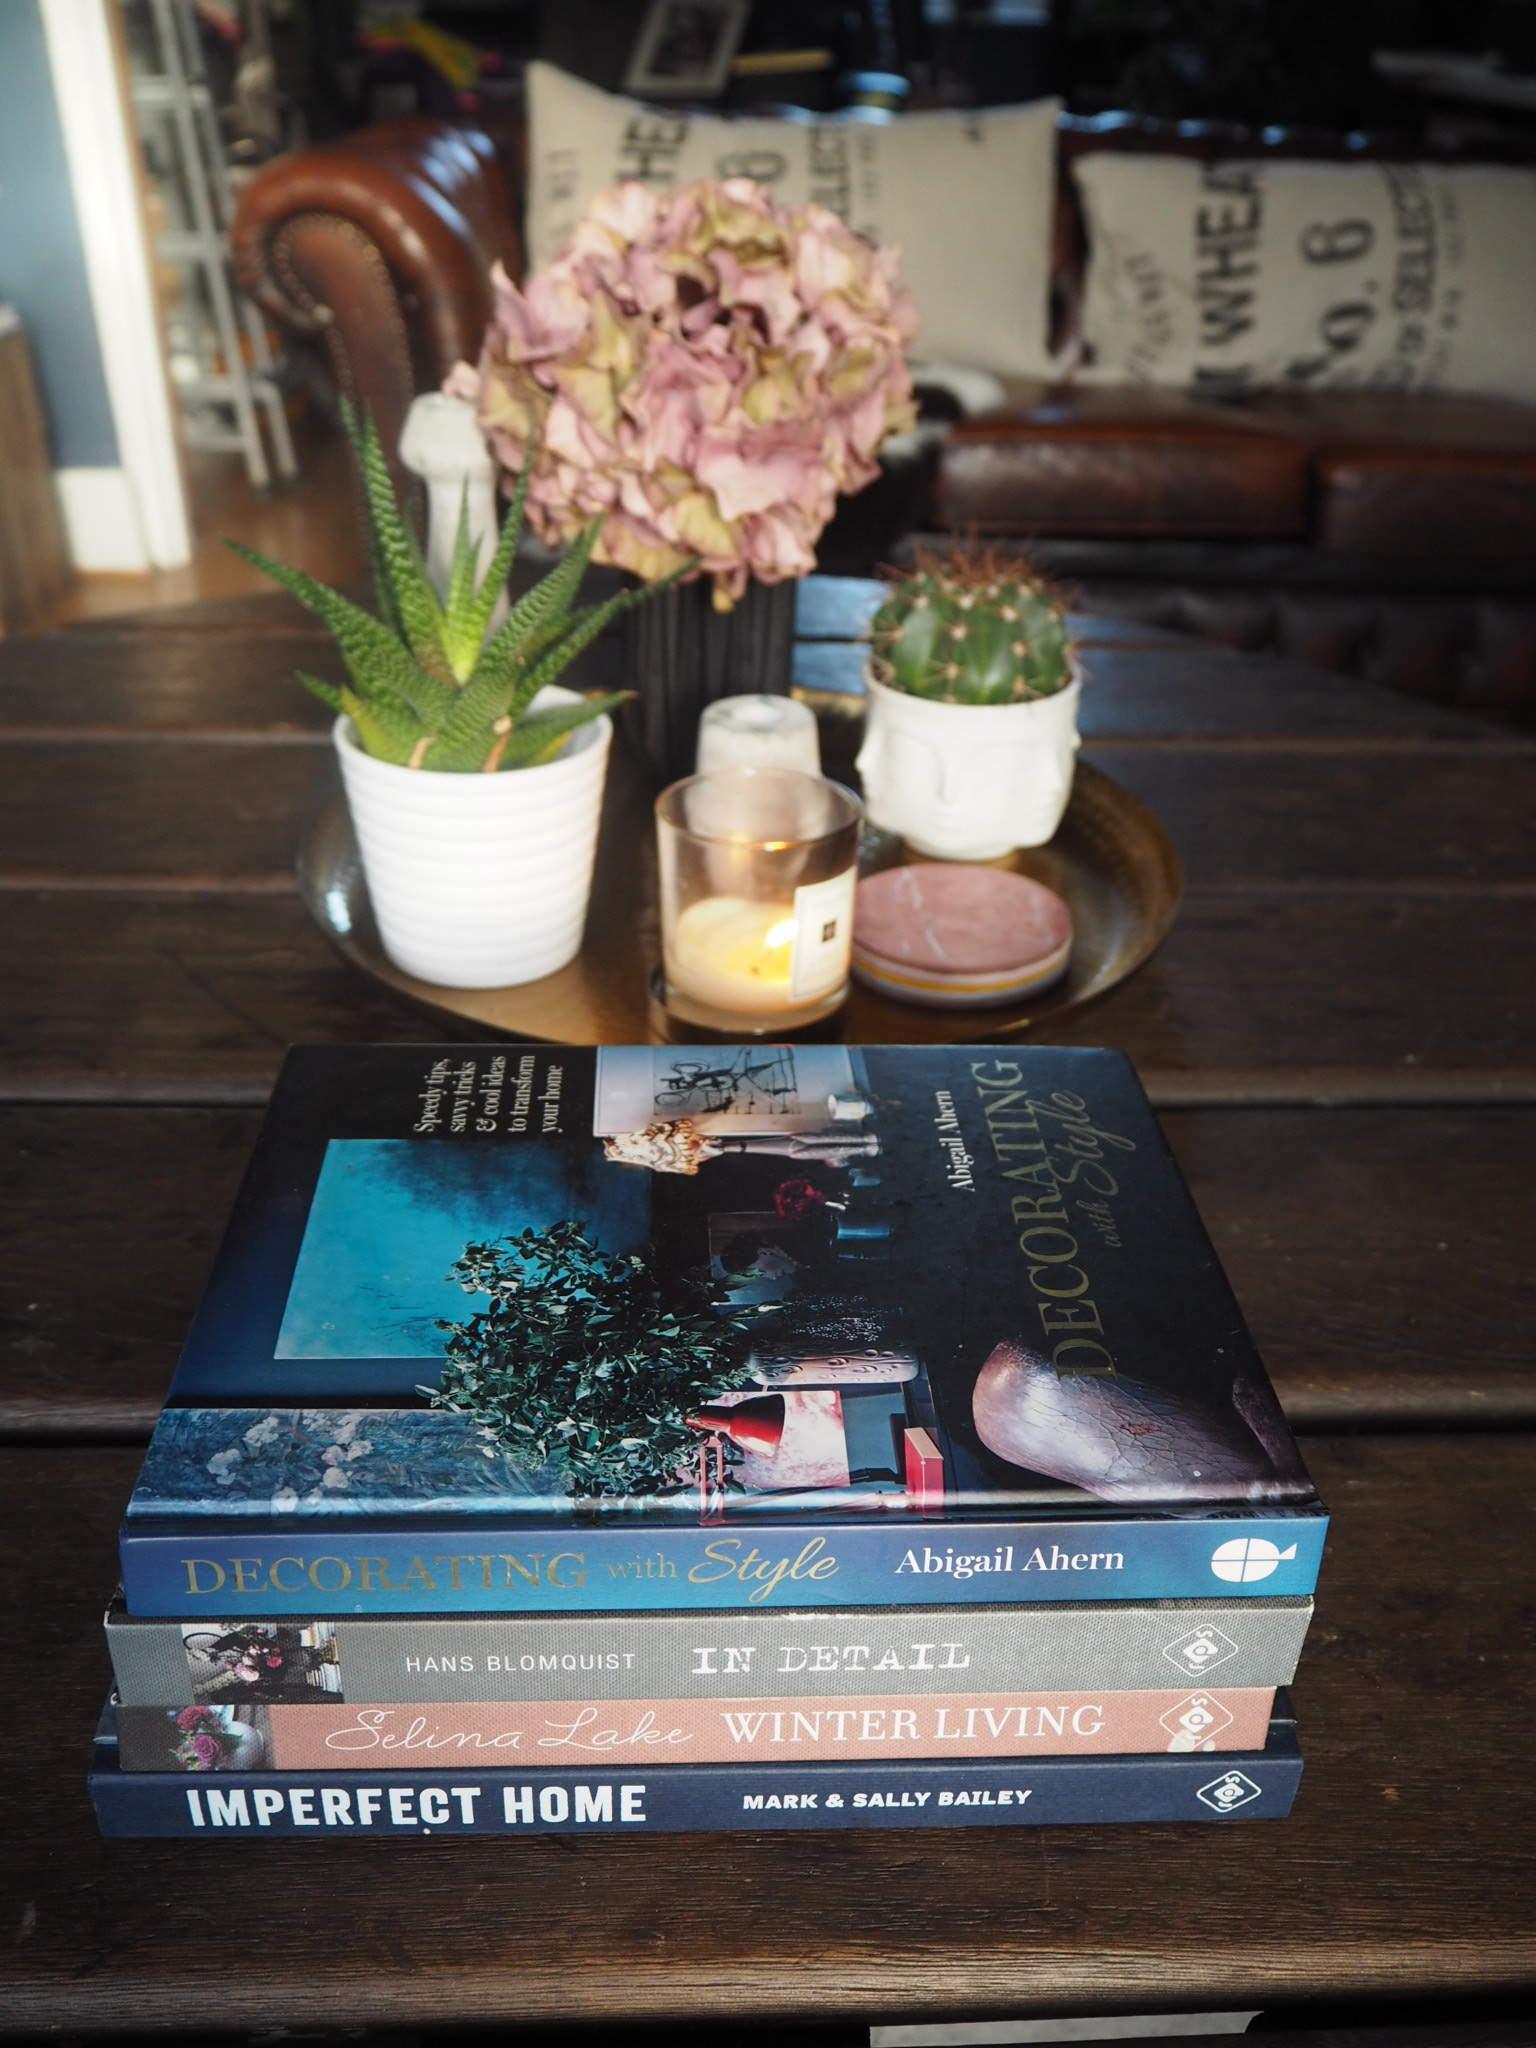 Best Interior decor books, tables cape